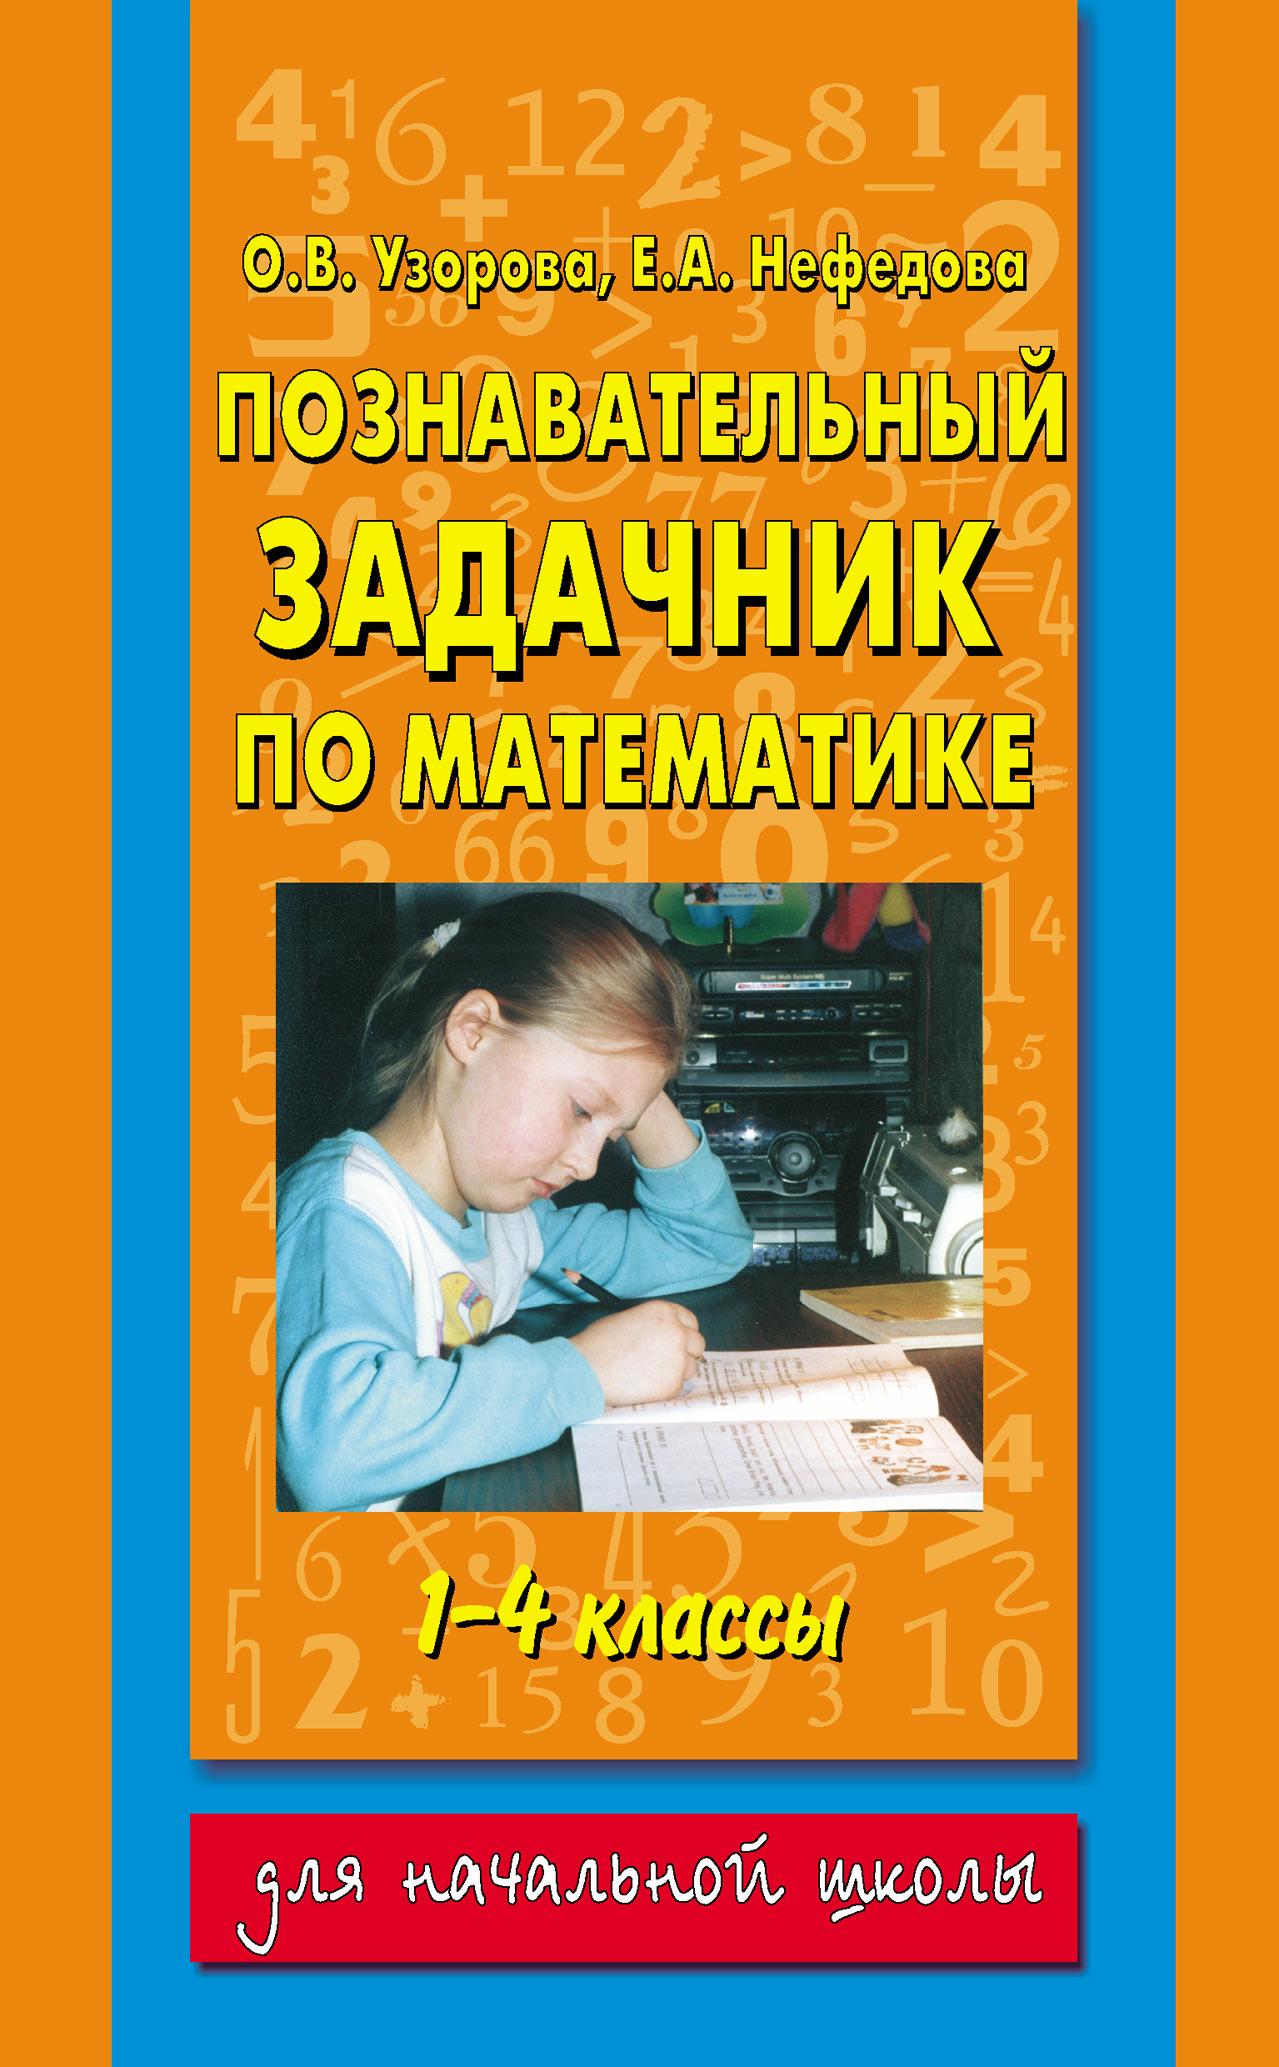 Познавательный задачник по математике.1-4классы